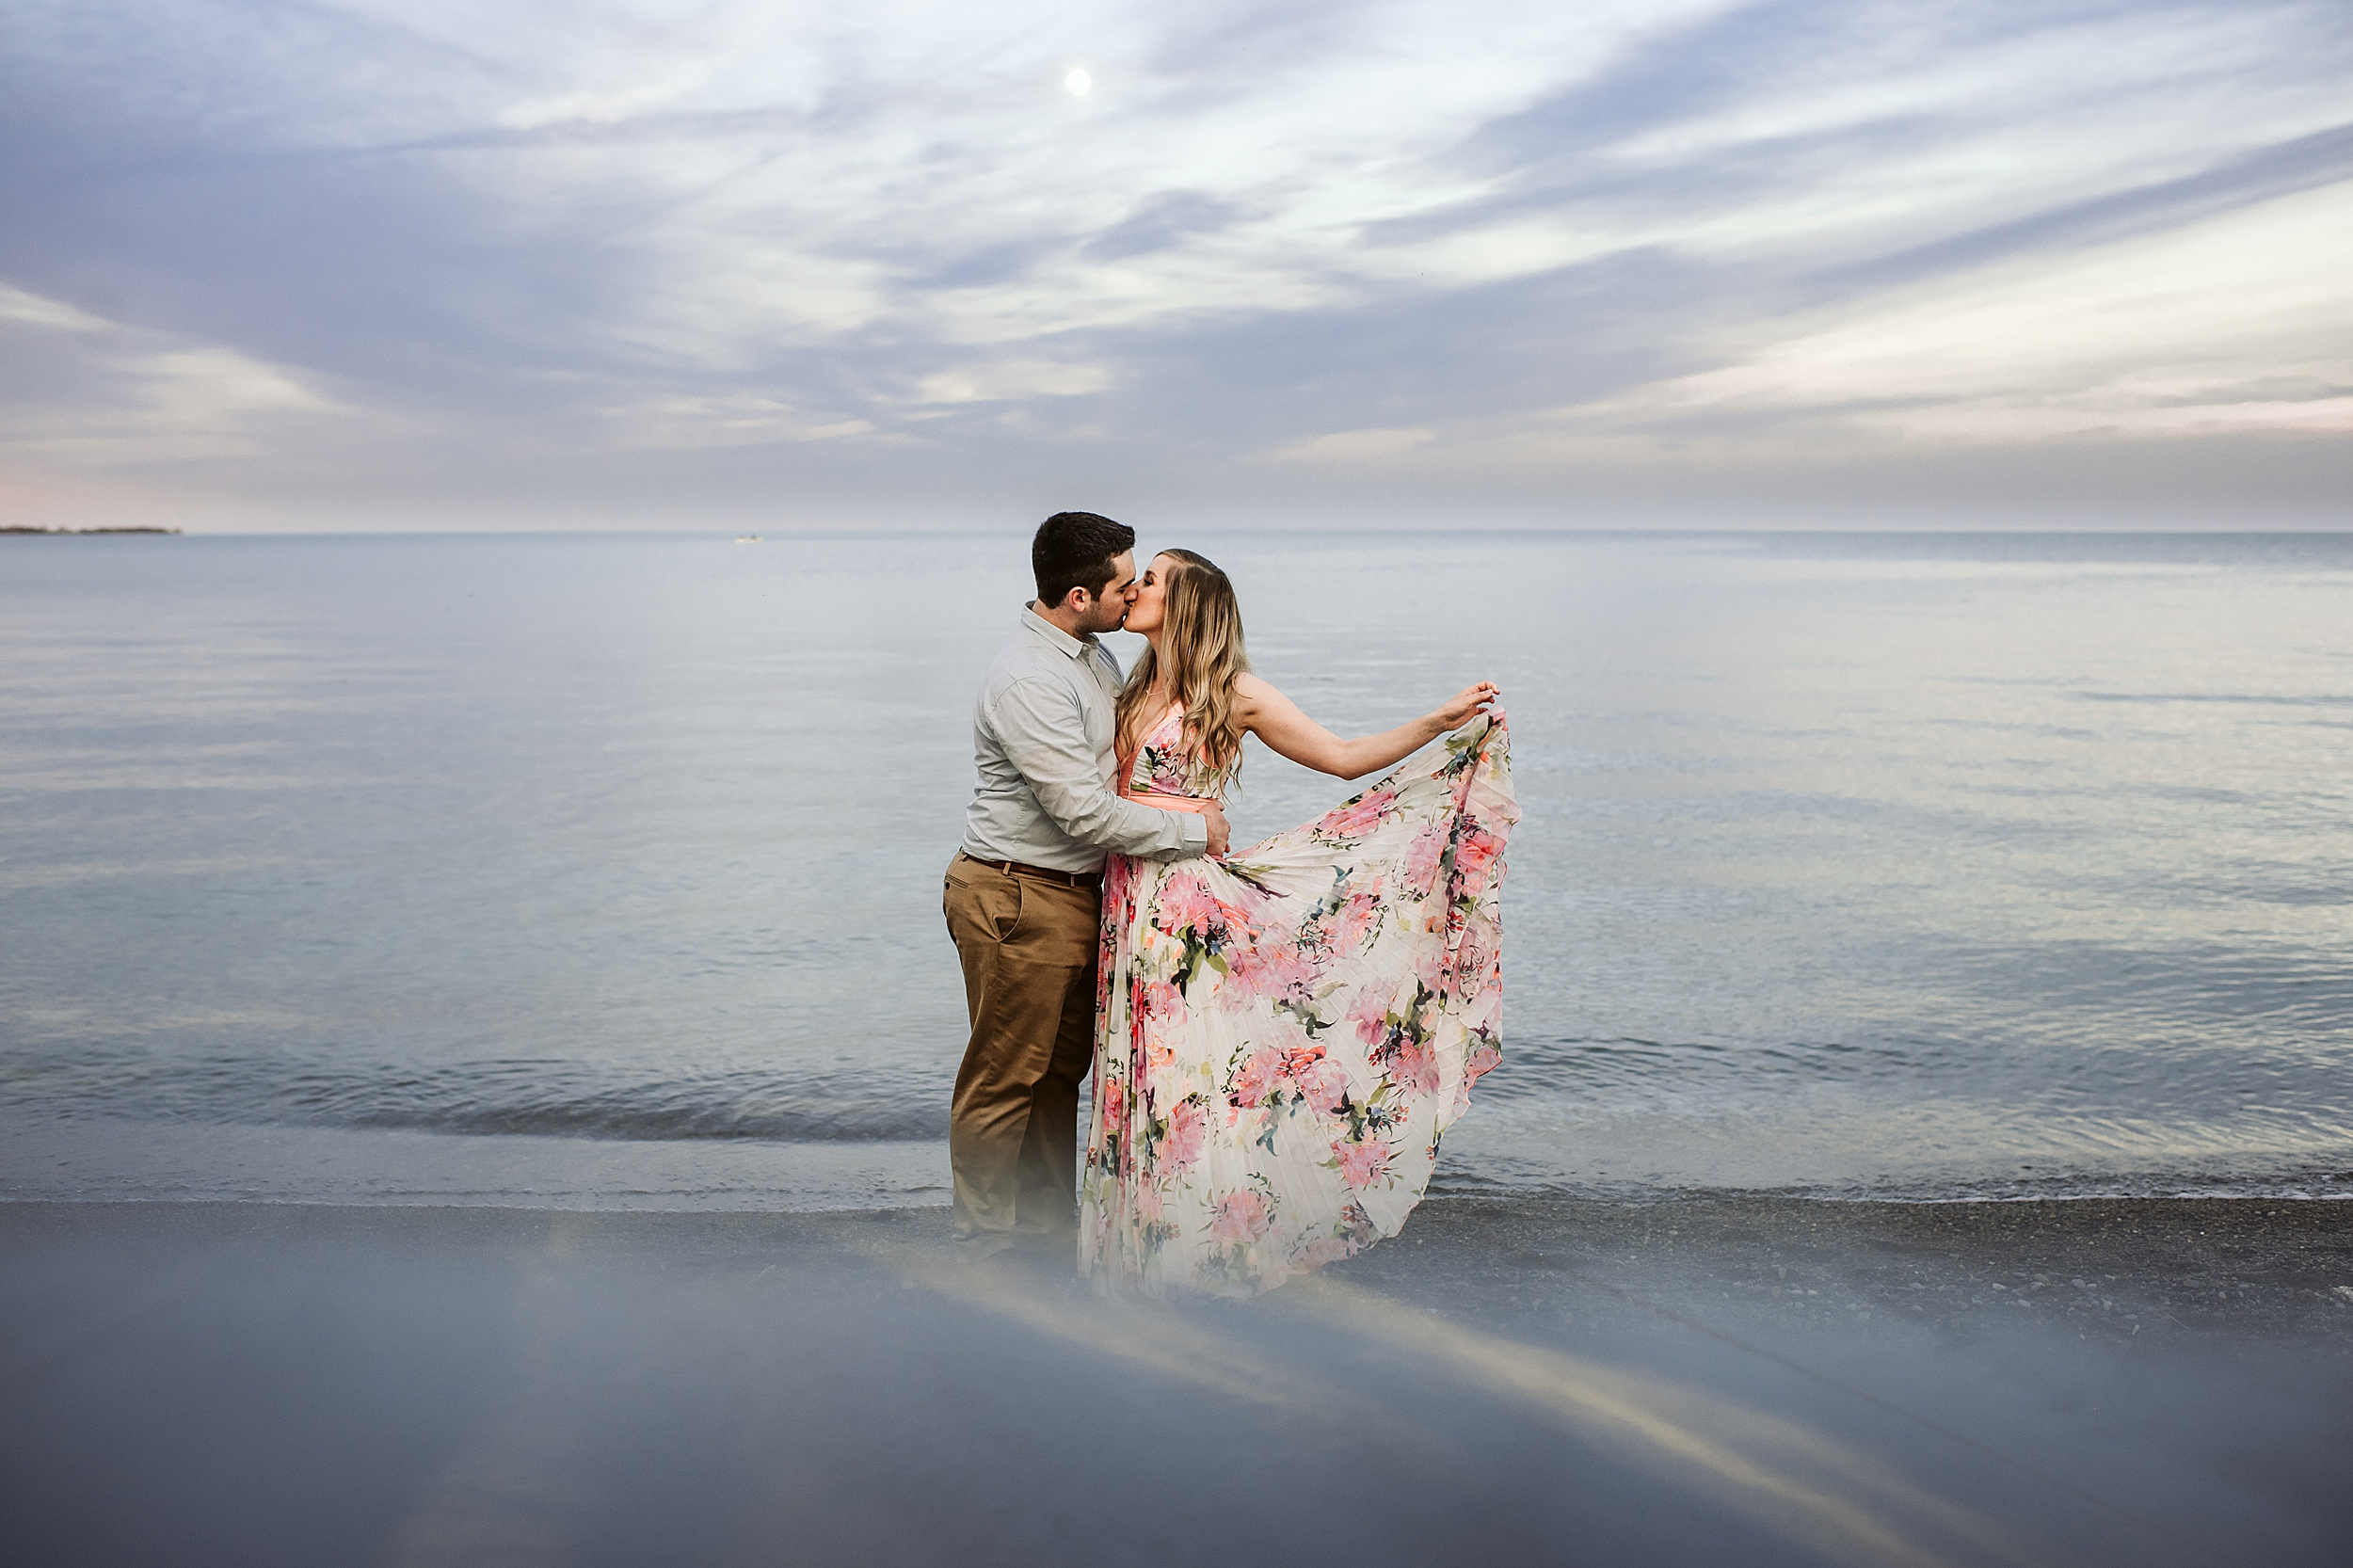 Toronto_Wedding_Photographers_Humber_Bay_Engagement_Shoot_Etobicoke_0032.jpg